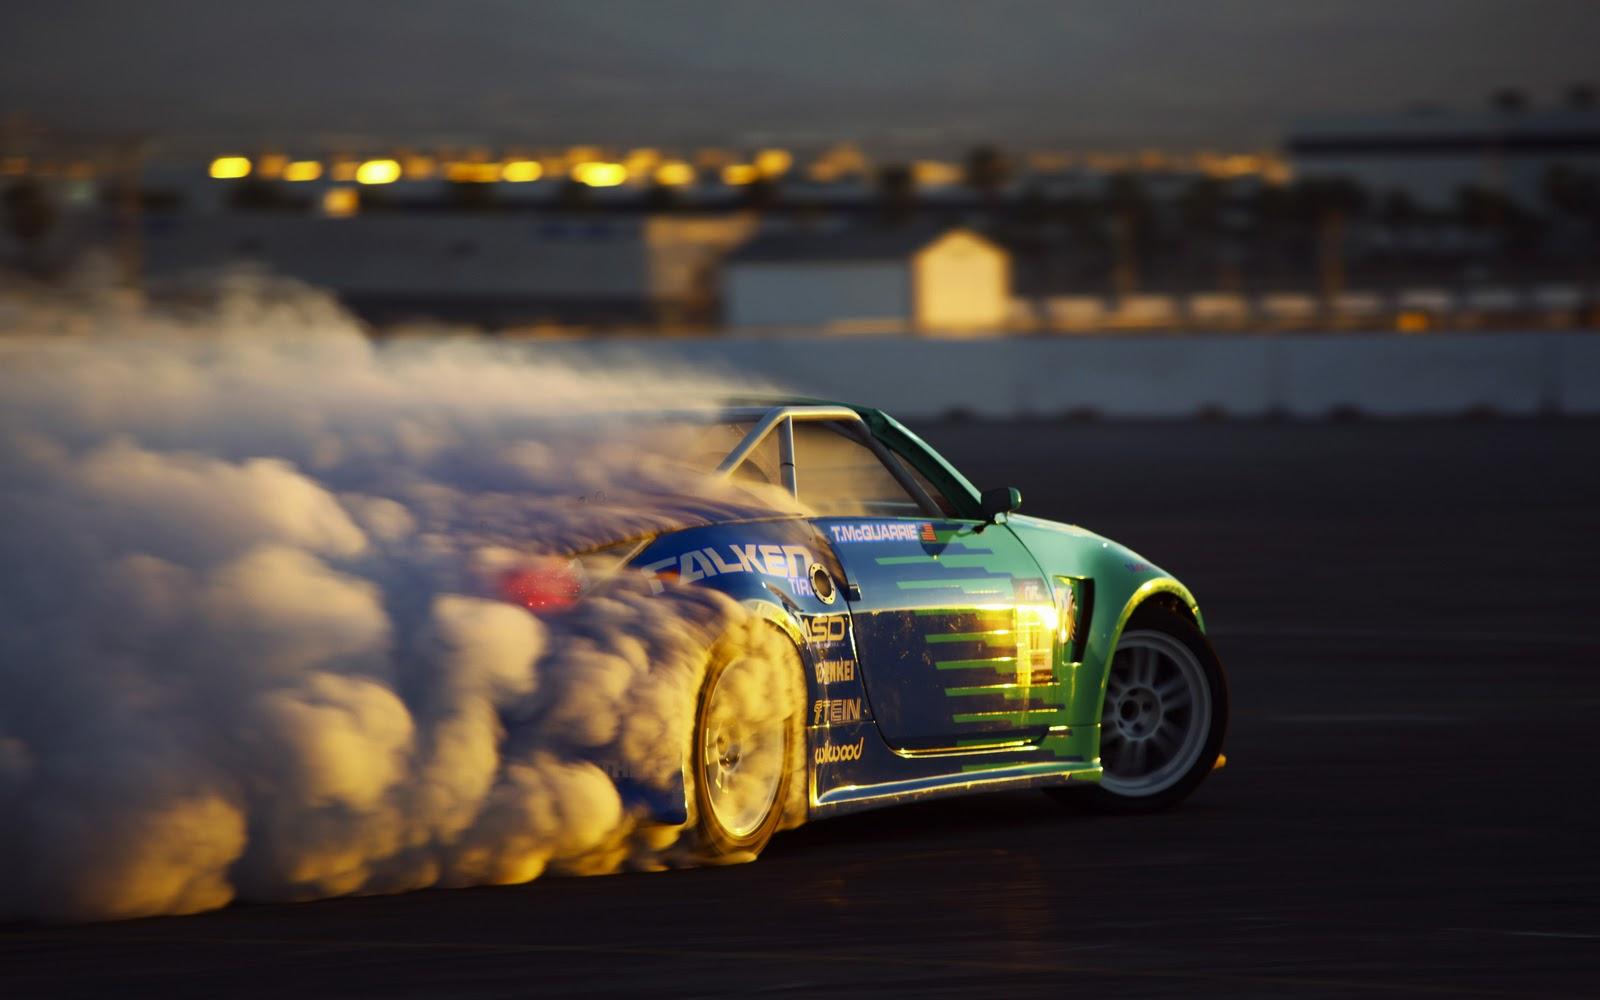 http://4.bp.blogspot.com/-LrAHVbYbhN8/TZ5PHqv9H0I/AAAAAAAADVs/REaR_evkurs/s1600/Smoke-Drift-wallpaper.jpg